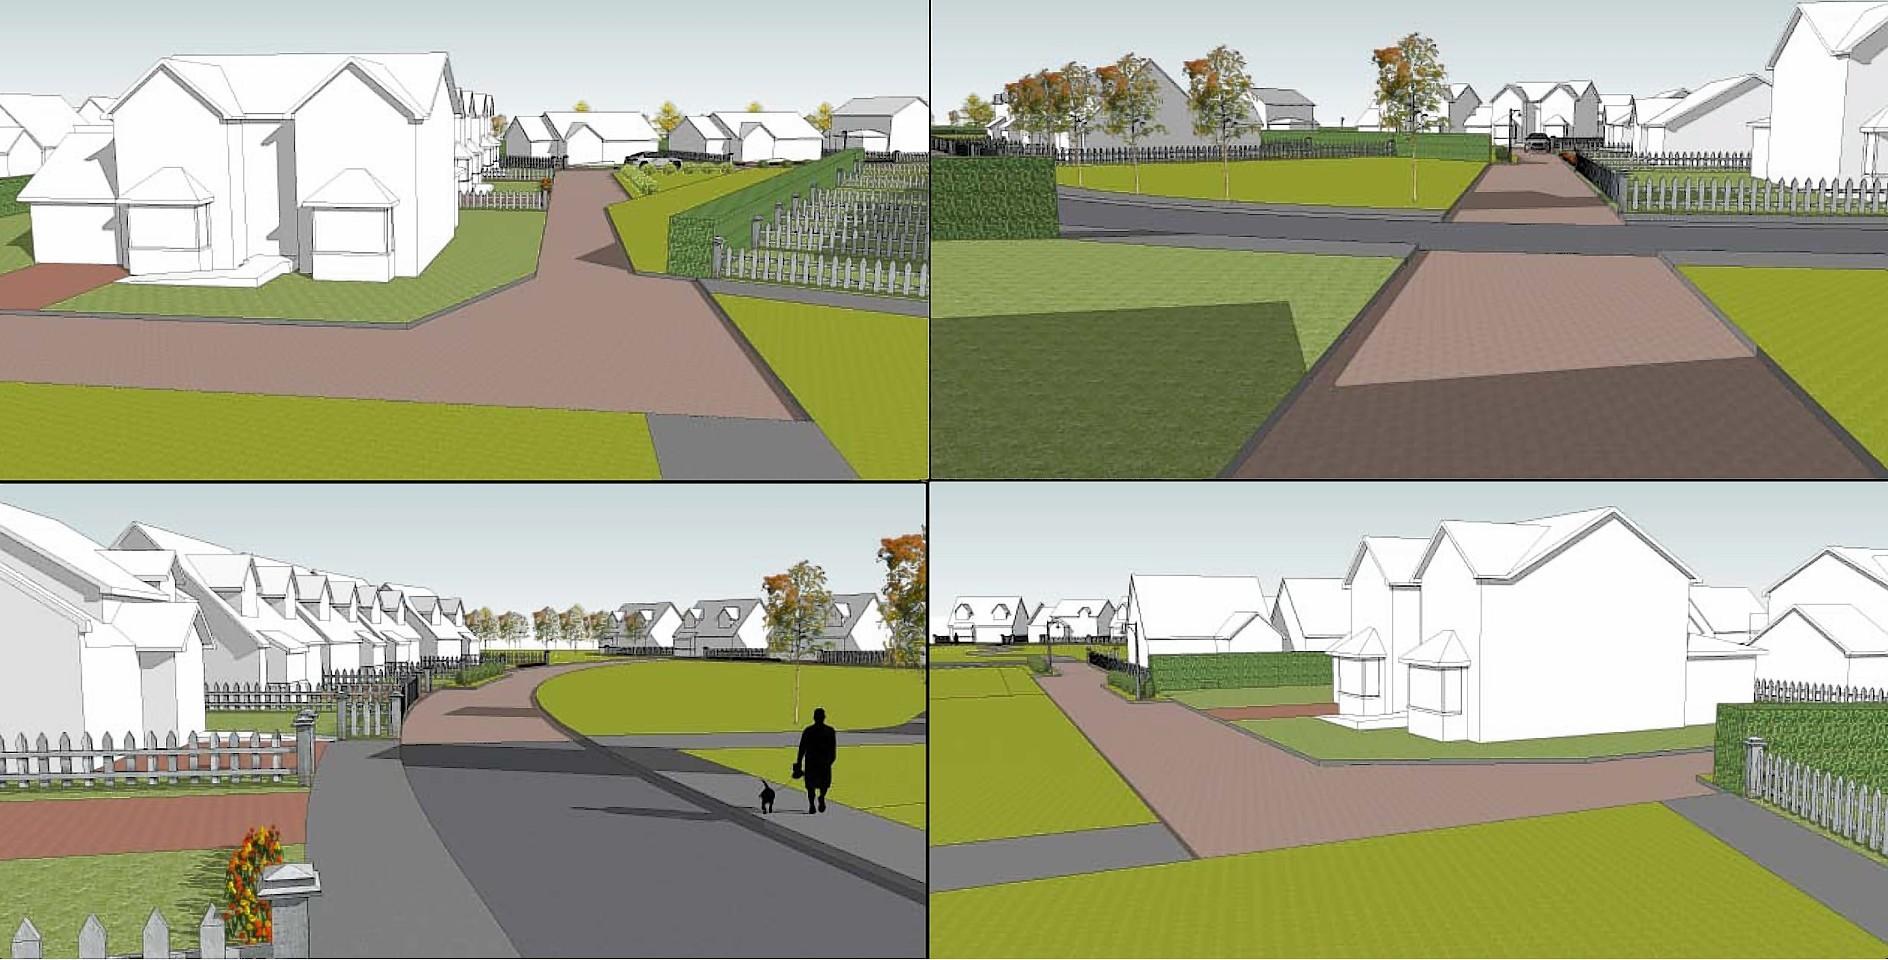 The planned Stuartfield development